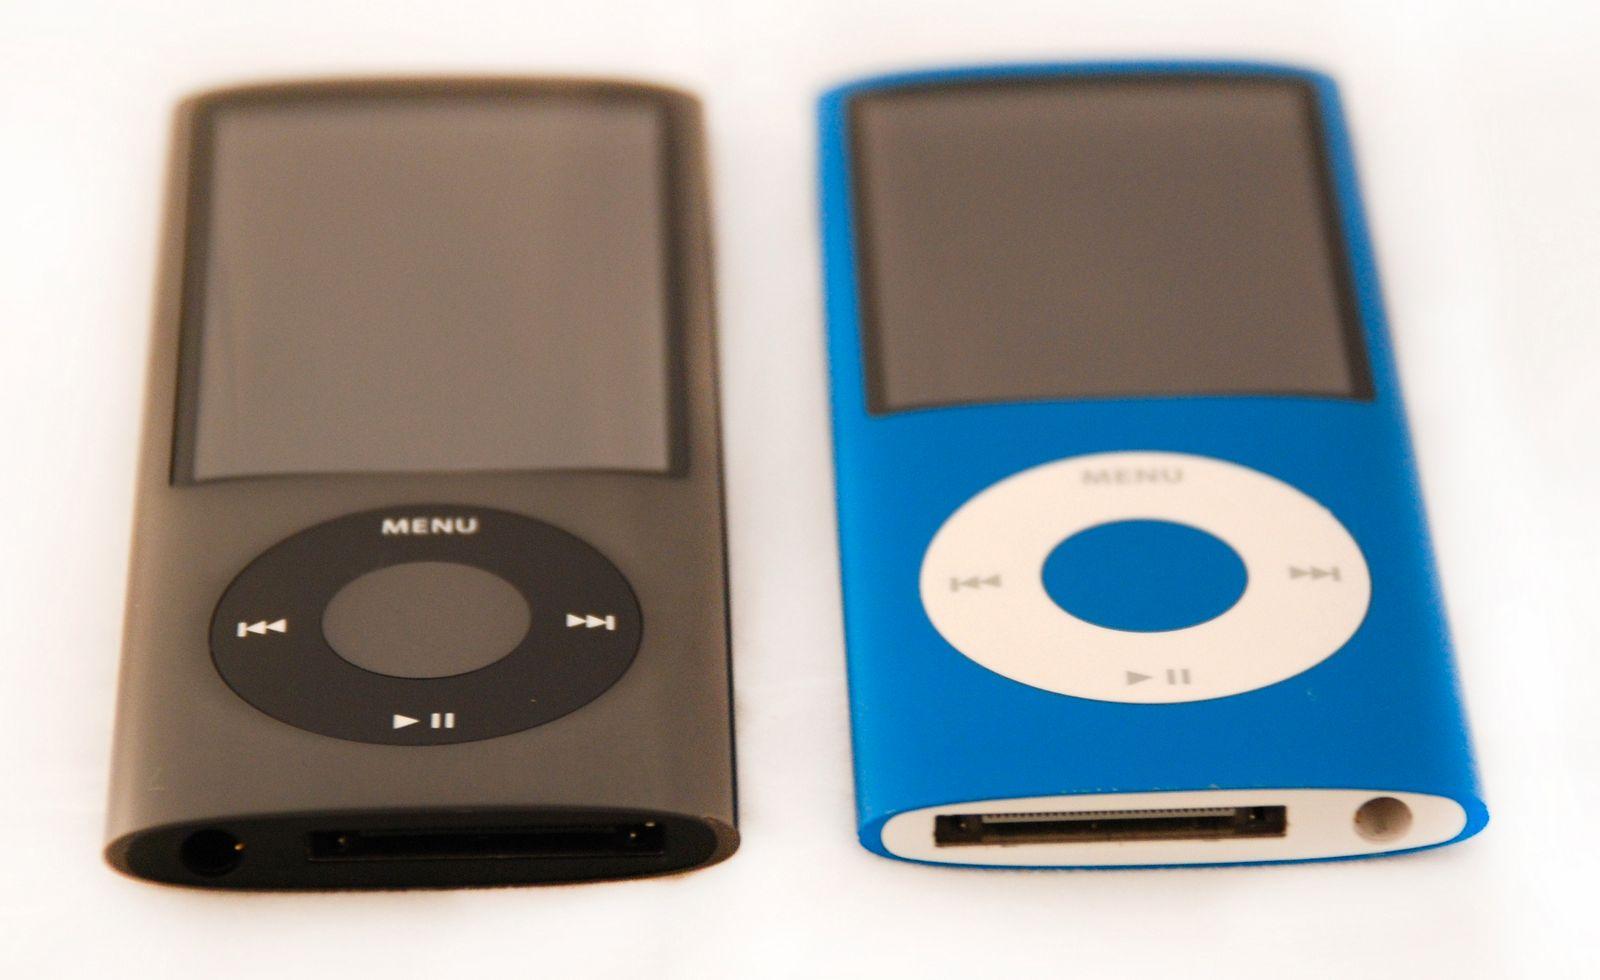 Større skjerm på Nano 5G (venstre)